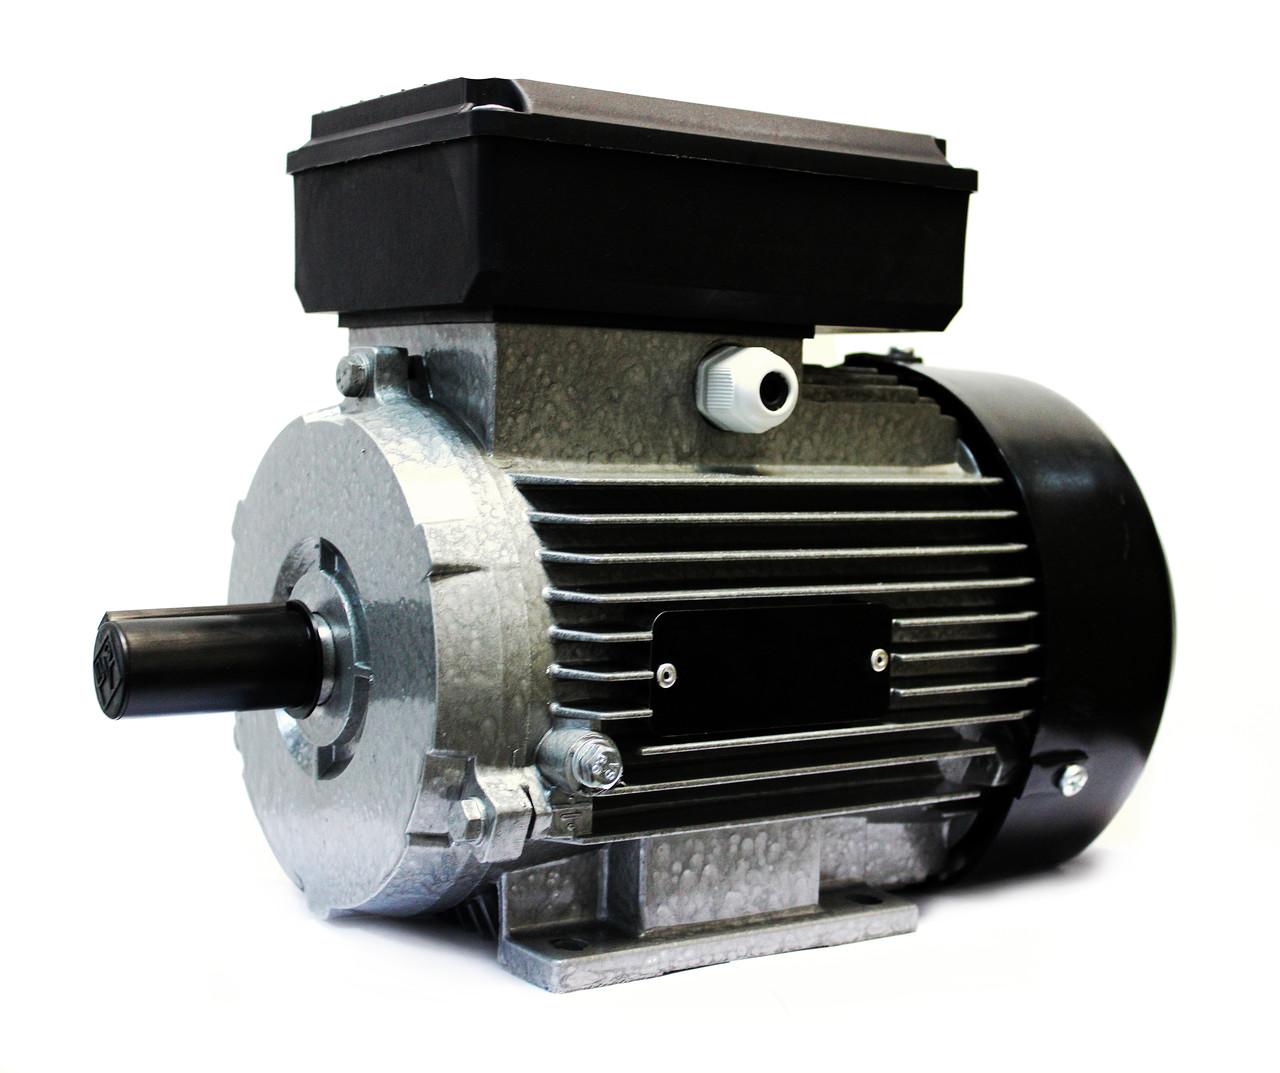 Однофазный электродвигатель АИЕ 80 В4 У2 (1.1 кВт, 1500 об/мин)